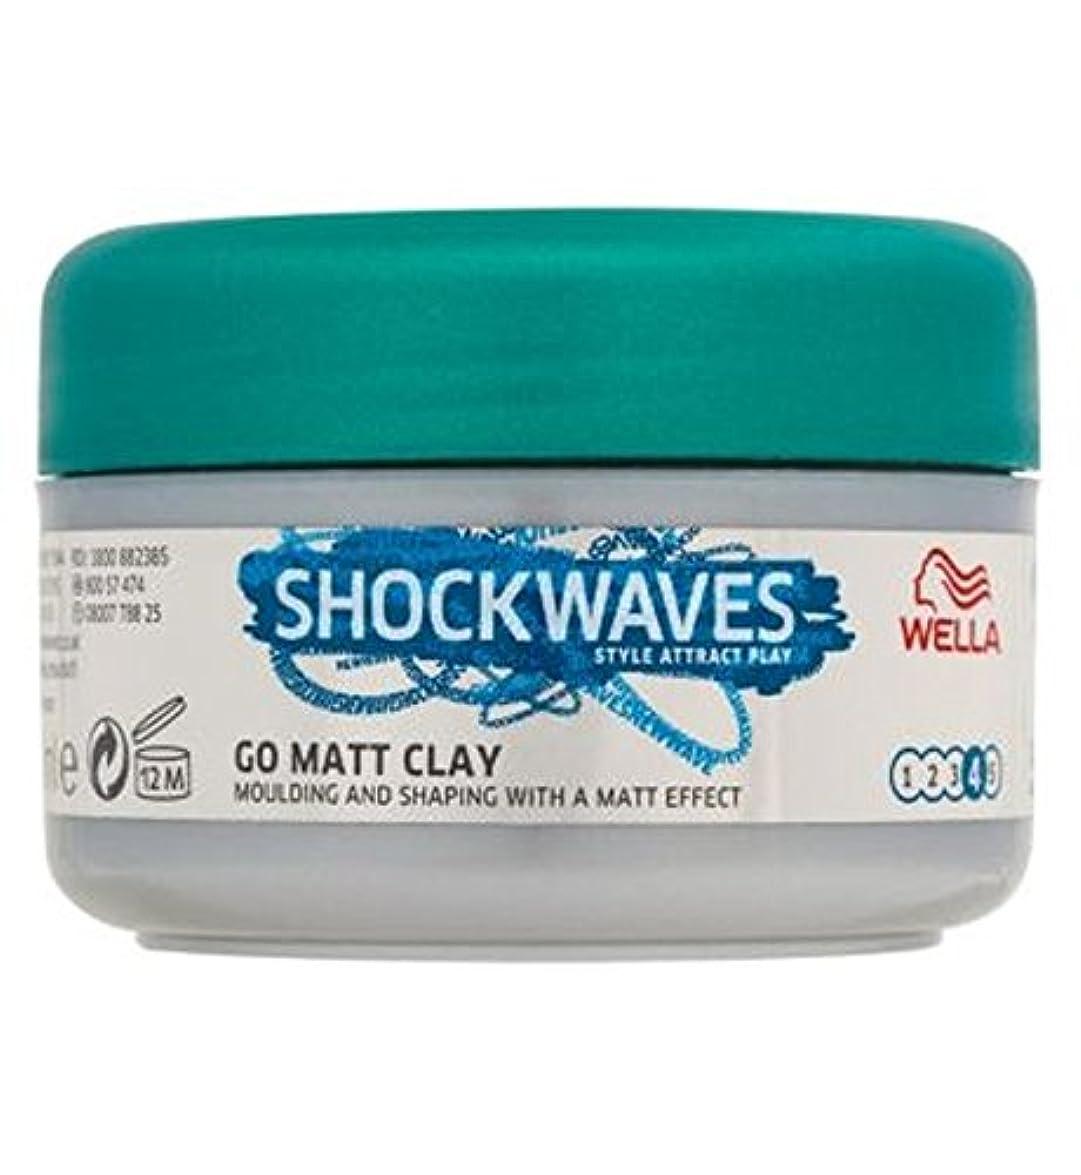 小さい成り立つ減少ウエラの衝撃波の外向性はマット粘土75ミリリットルを行きます (Wella Shockwaves) (x2) - Wella Shockwaves Extrovert Go Matt Clay 75ml (Pack of...